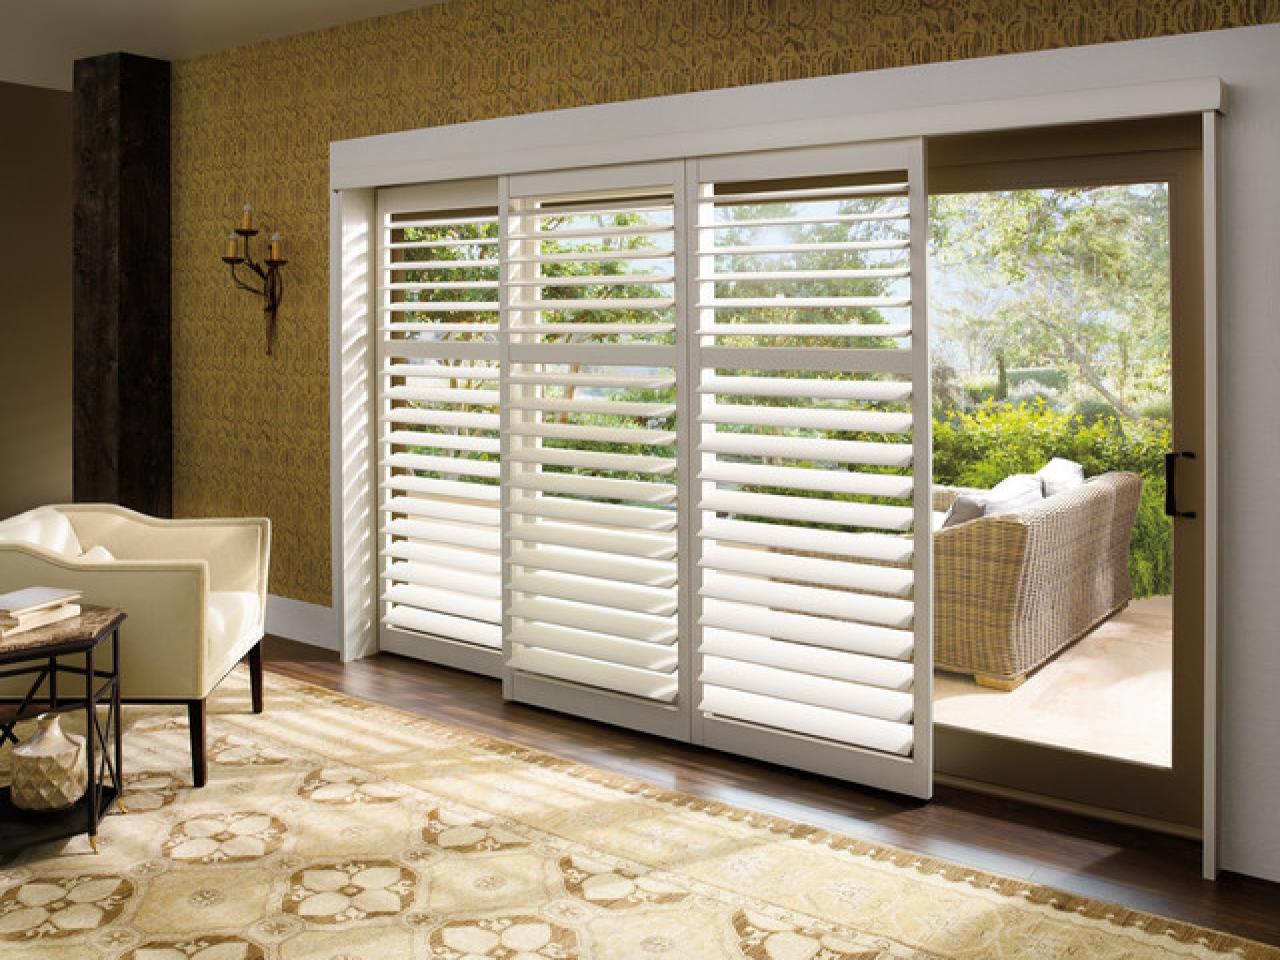 blinds for sliding doors plantation shutters for sliding glass patio doors MEBXIFC